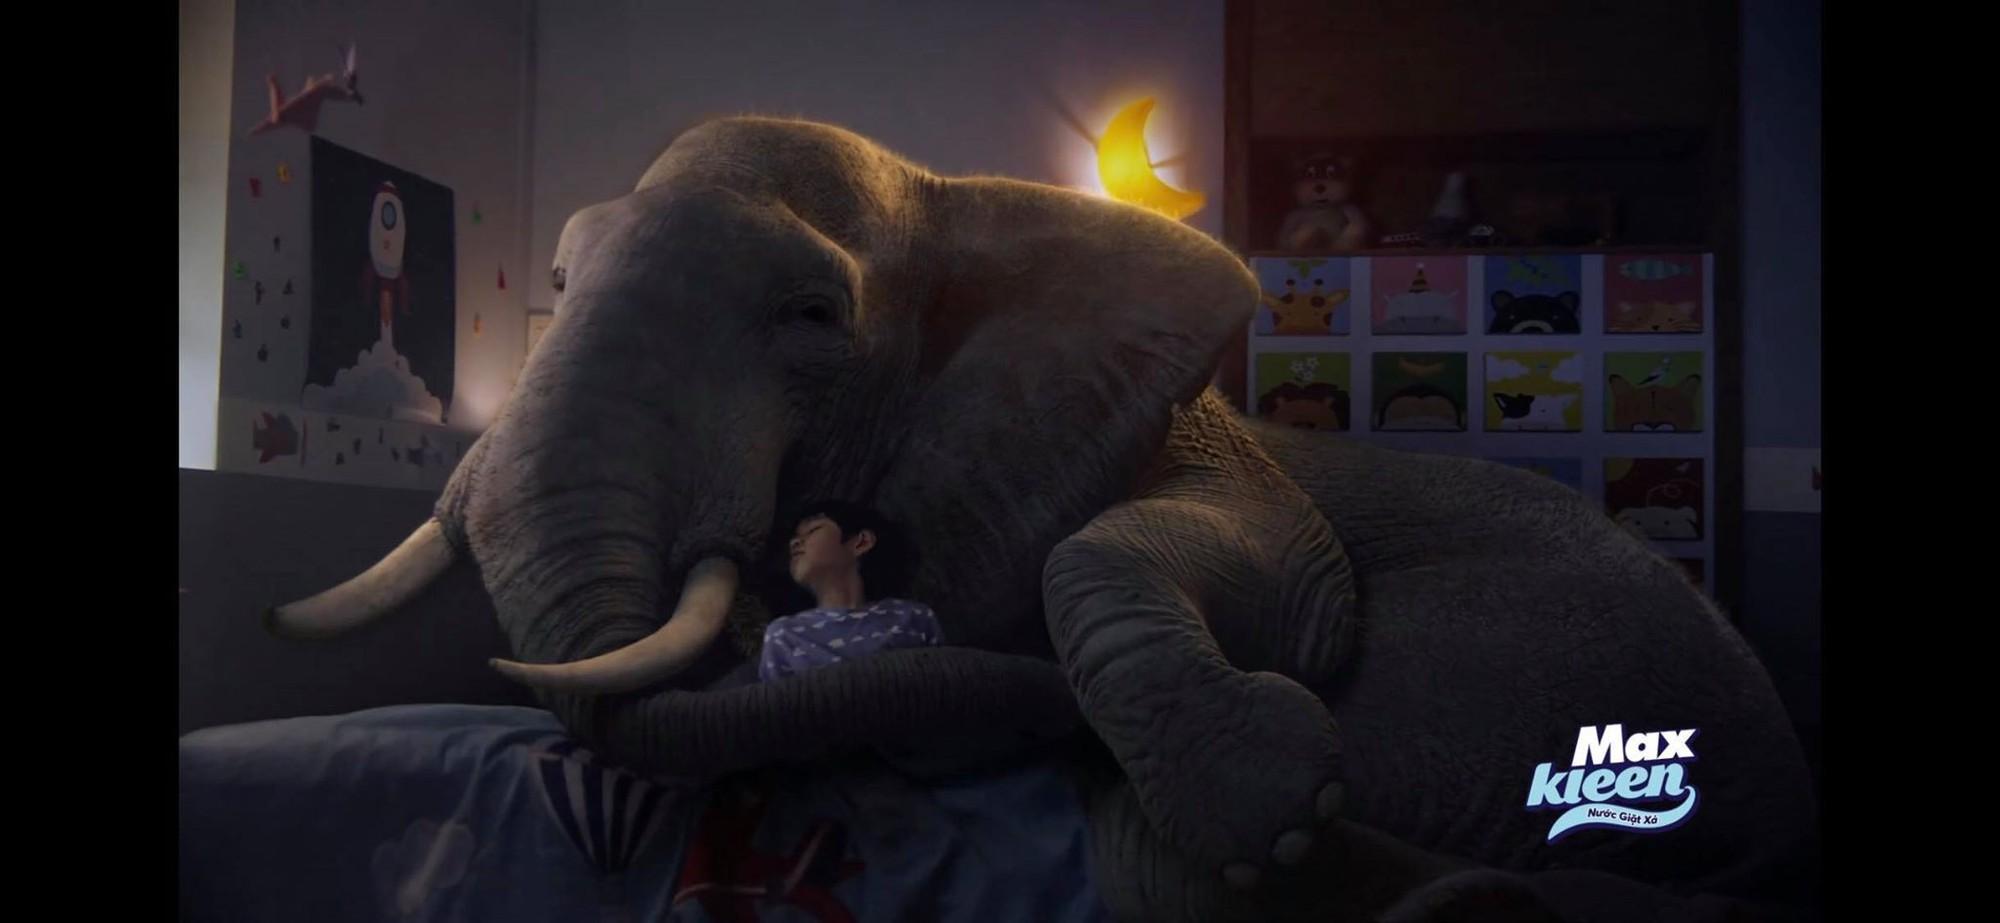 Dùng hổ và voi ẩn dụ cho hình ảnh người mẹ, thông điệp này đã chạm đến triệu trái tim phụ nữ Việt - Ảnh 5.